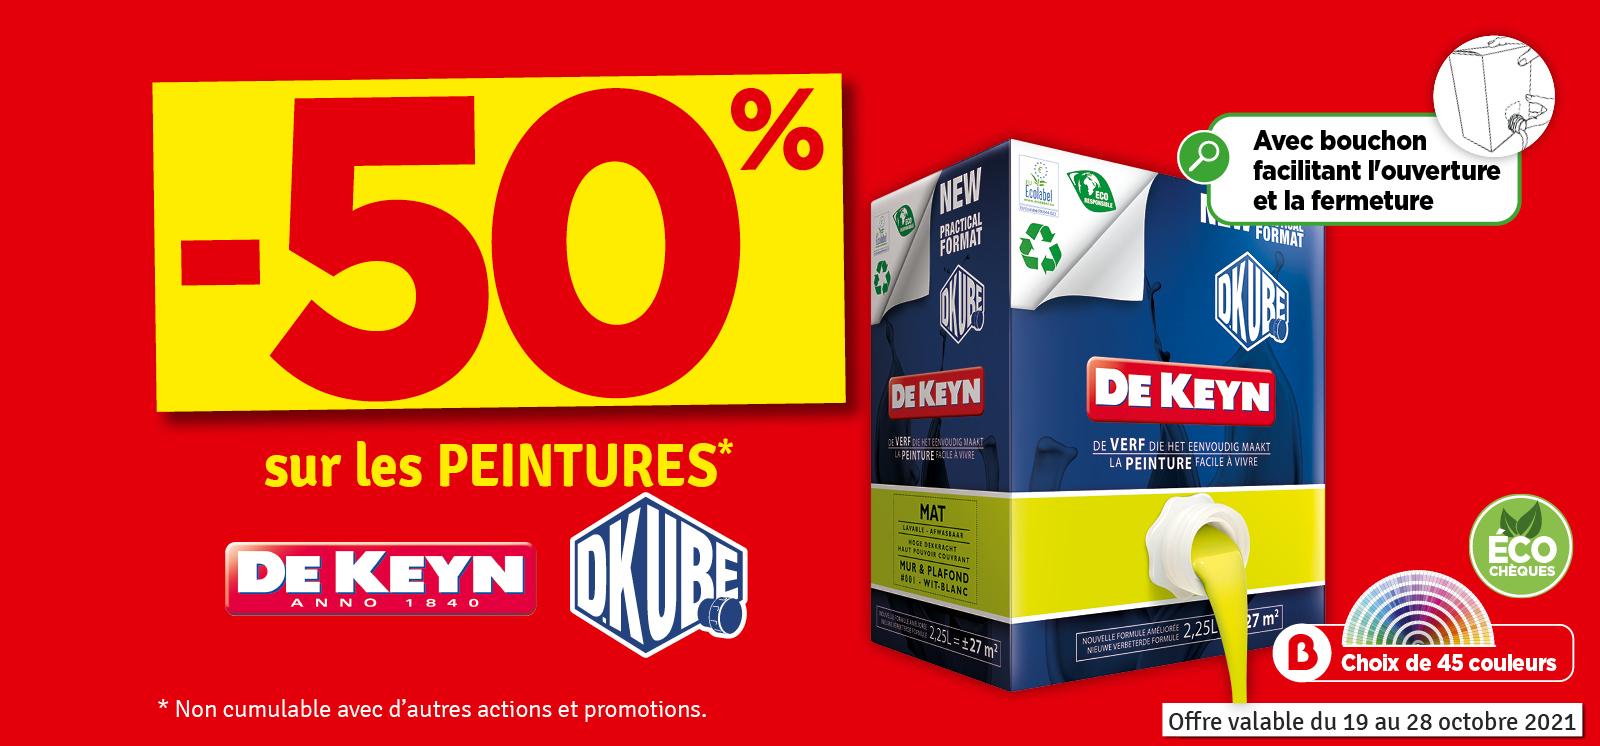 Promo - 50% sur les peintures DKUBE